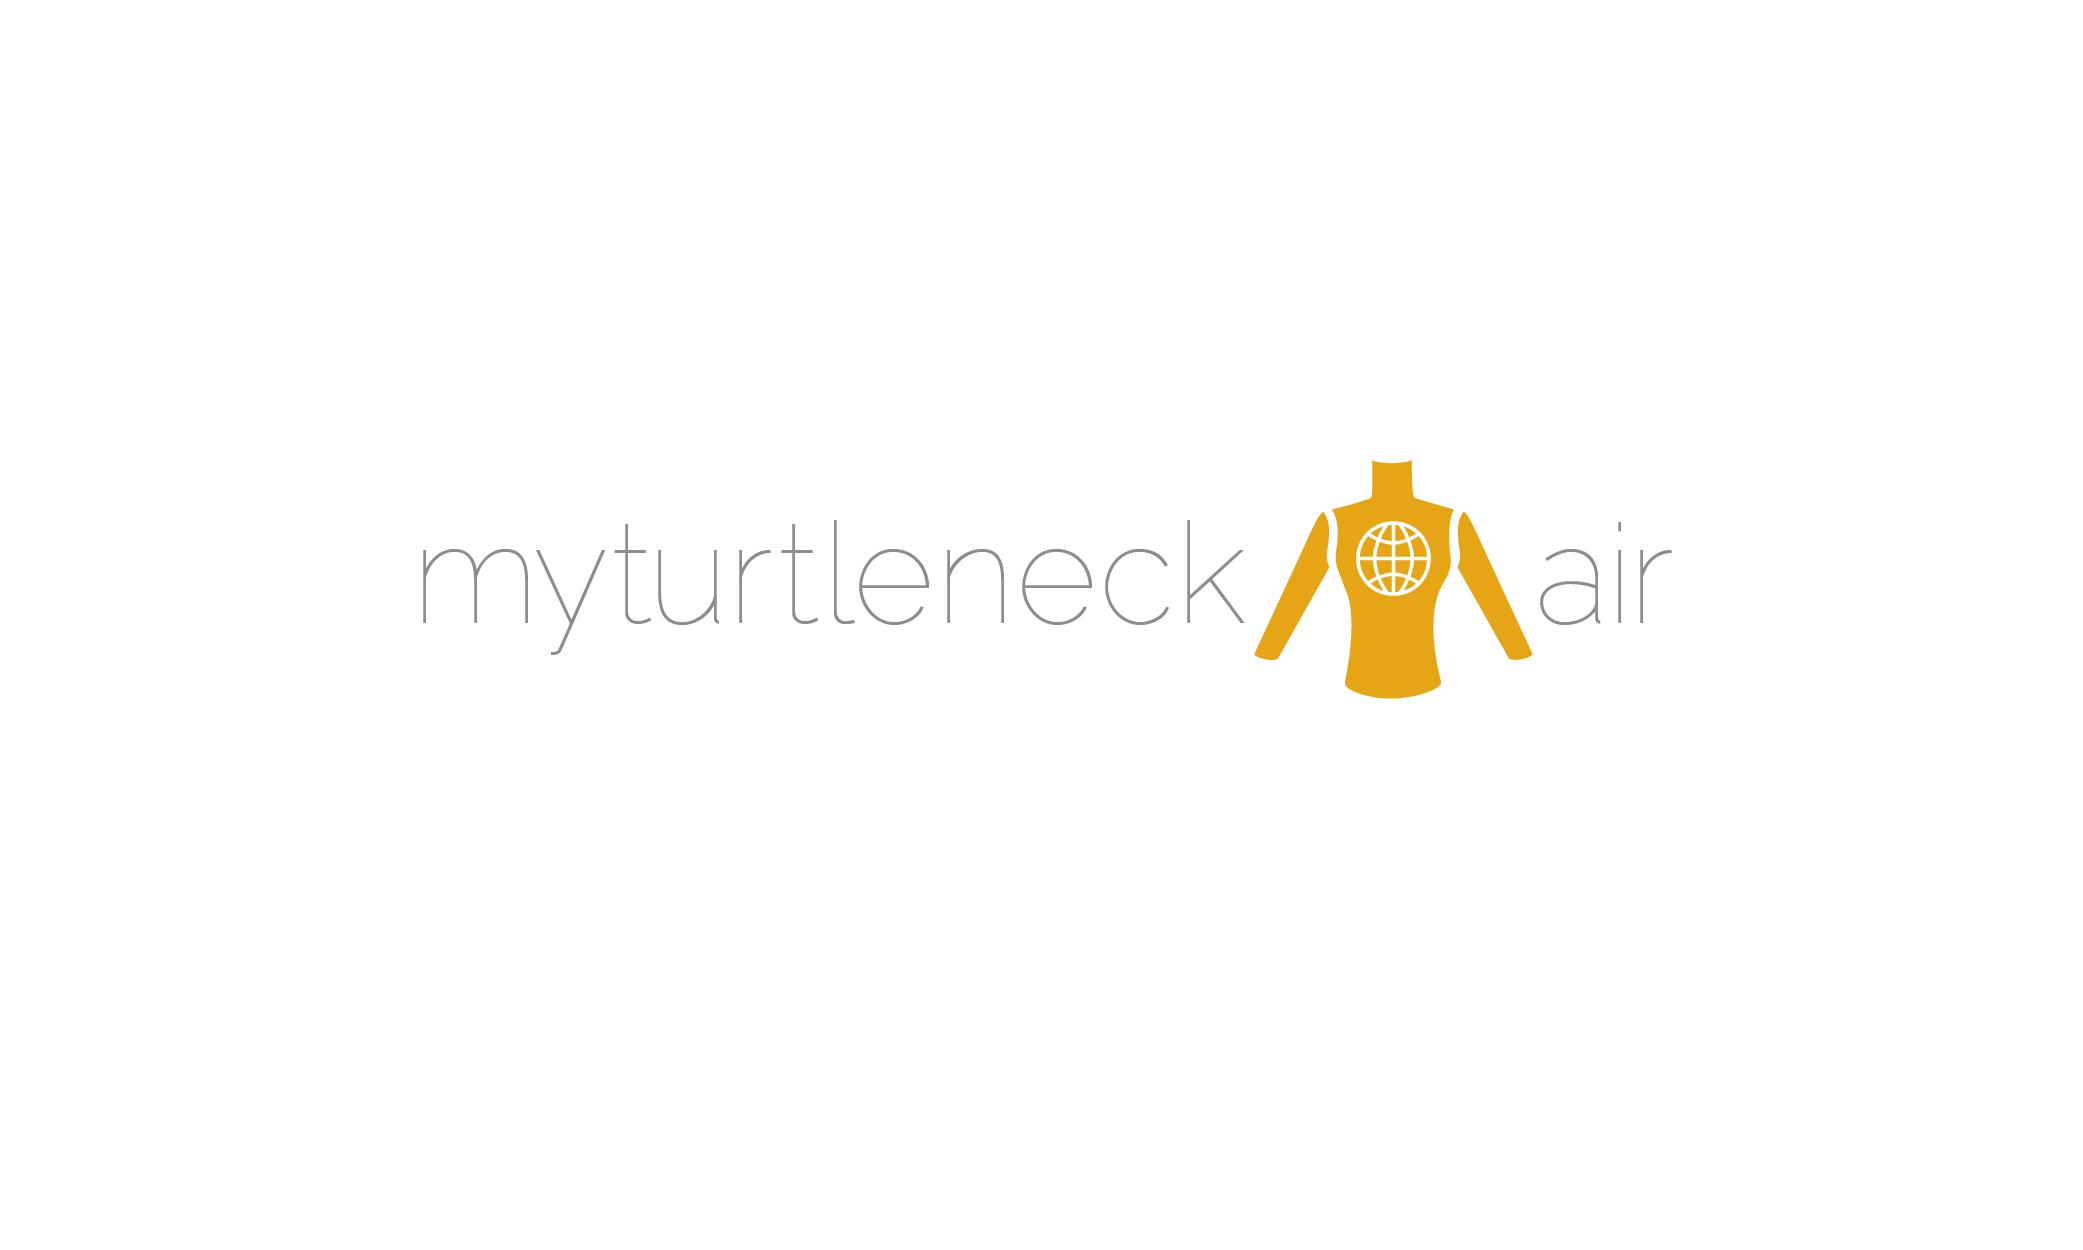 myturtleneck_air_slides-01.png